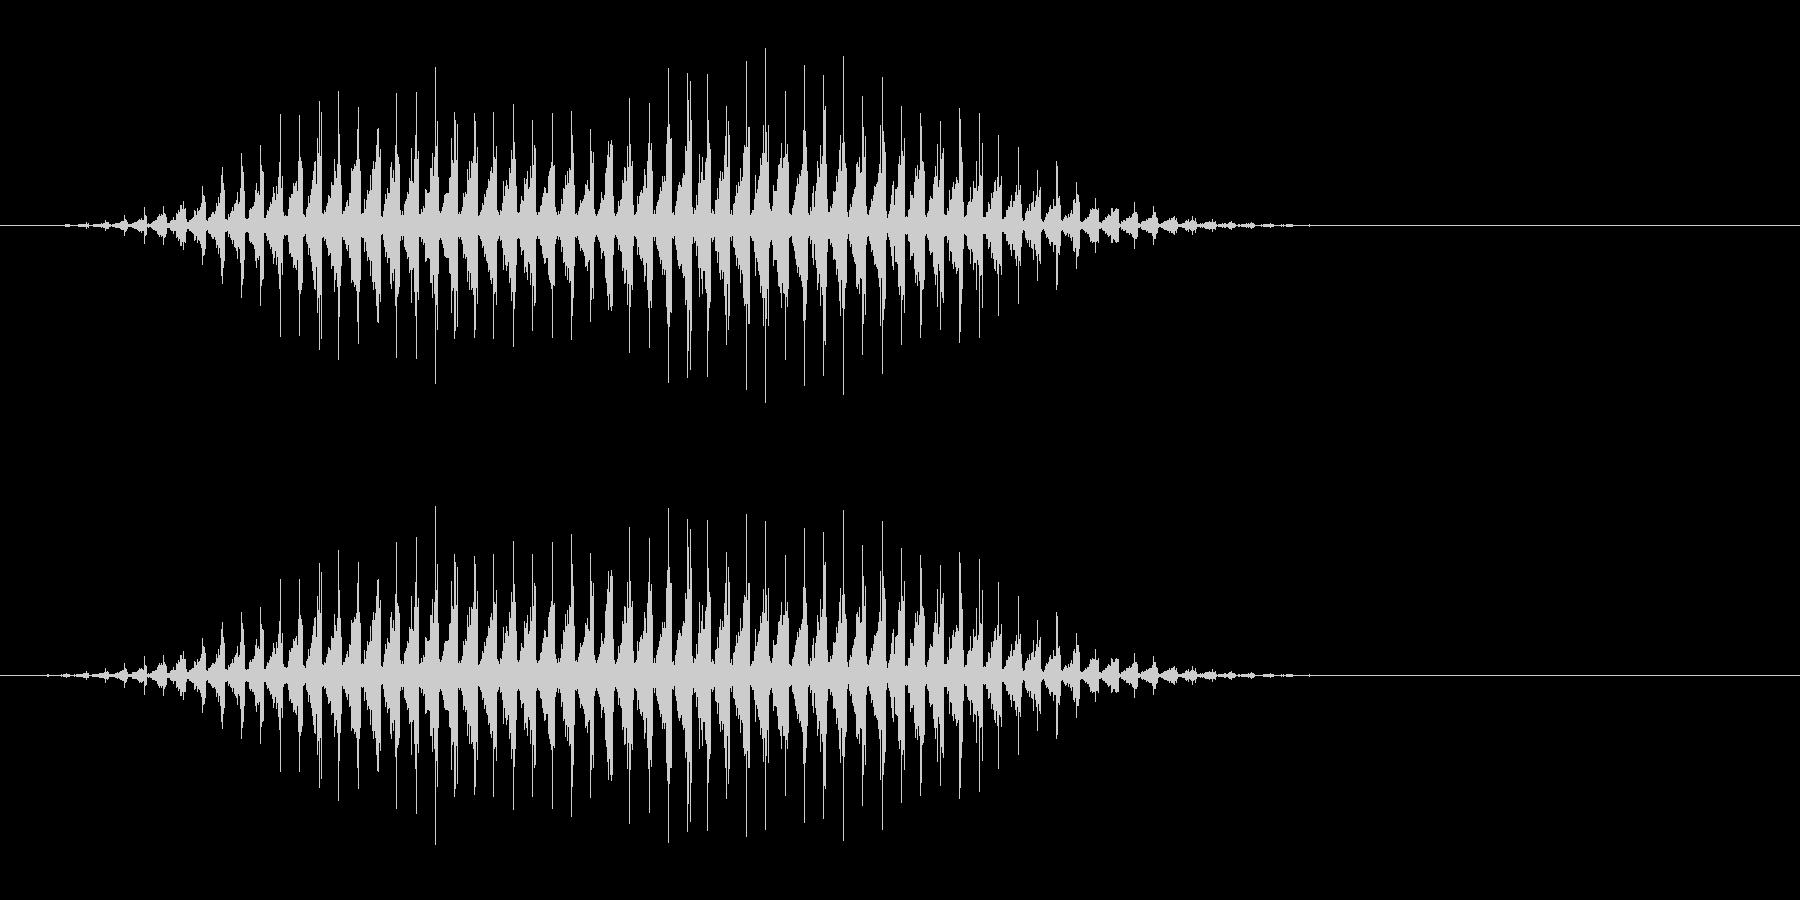 虫の羽音(ブーン/モンスター/飛ぶ)_2の未再生の波形